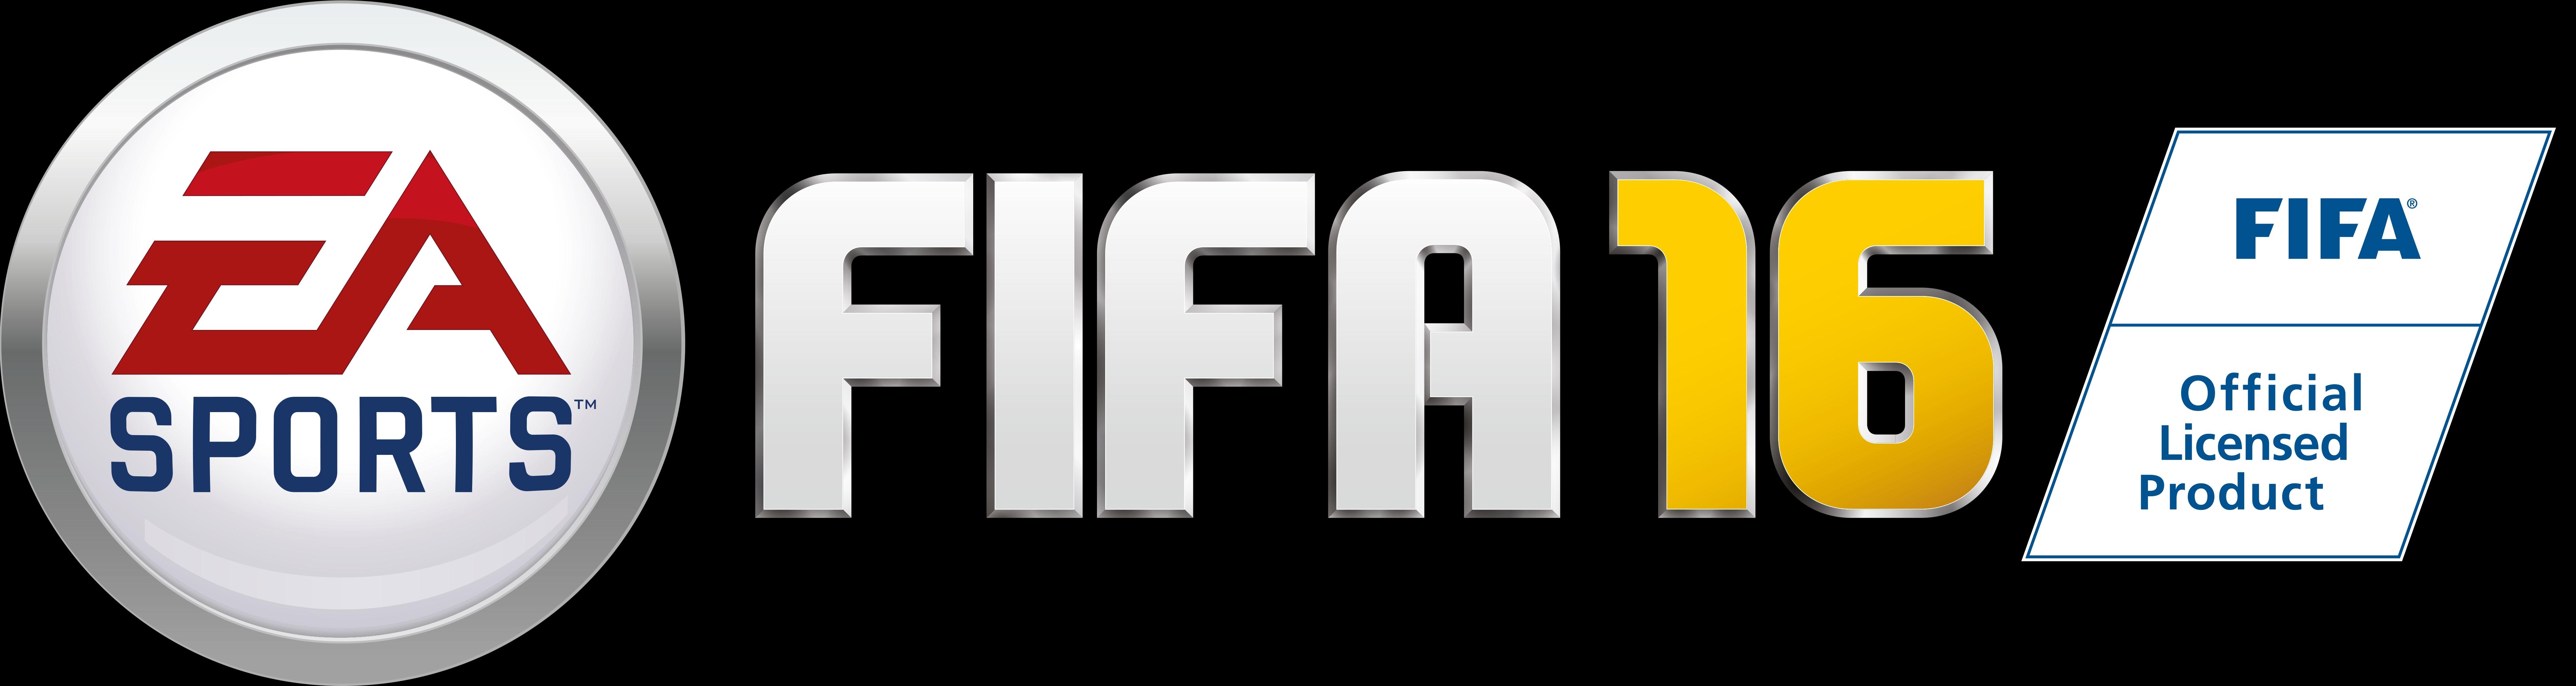 Spielderdaten FIFA 16 Game